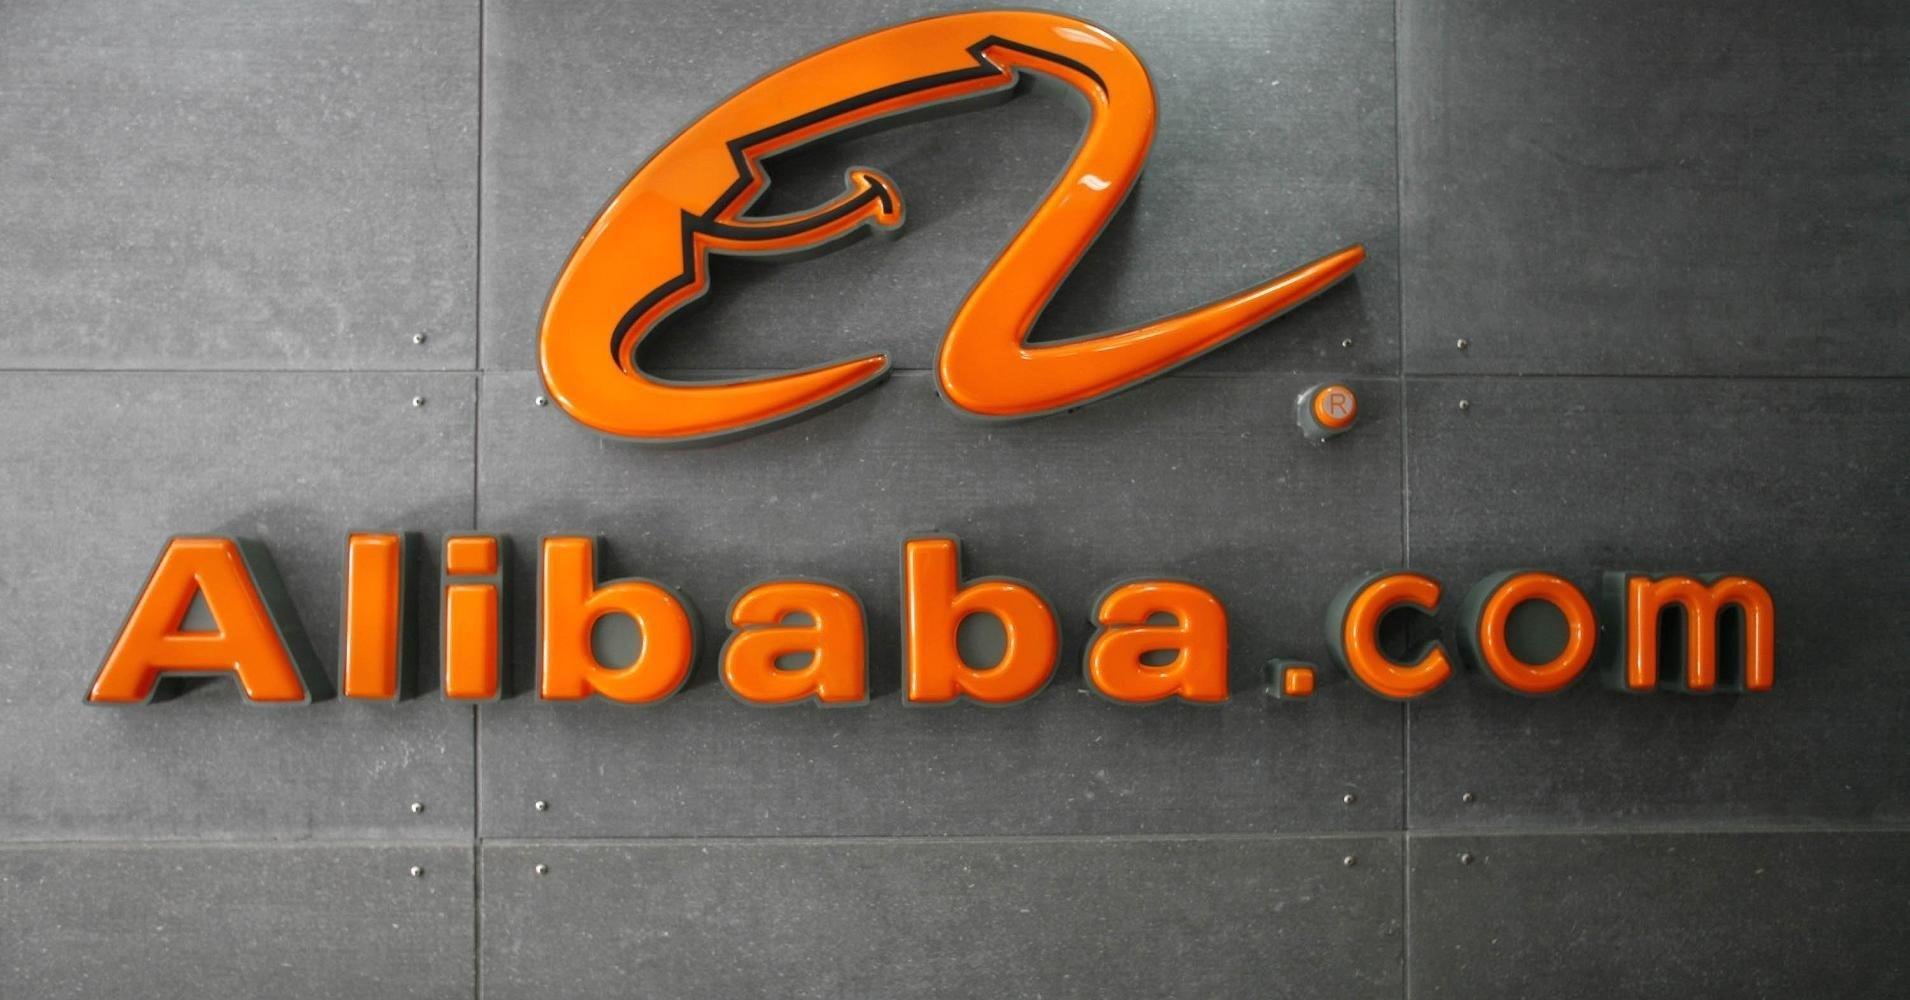 comprar acciones alibaba